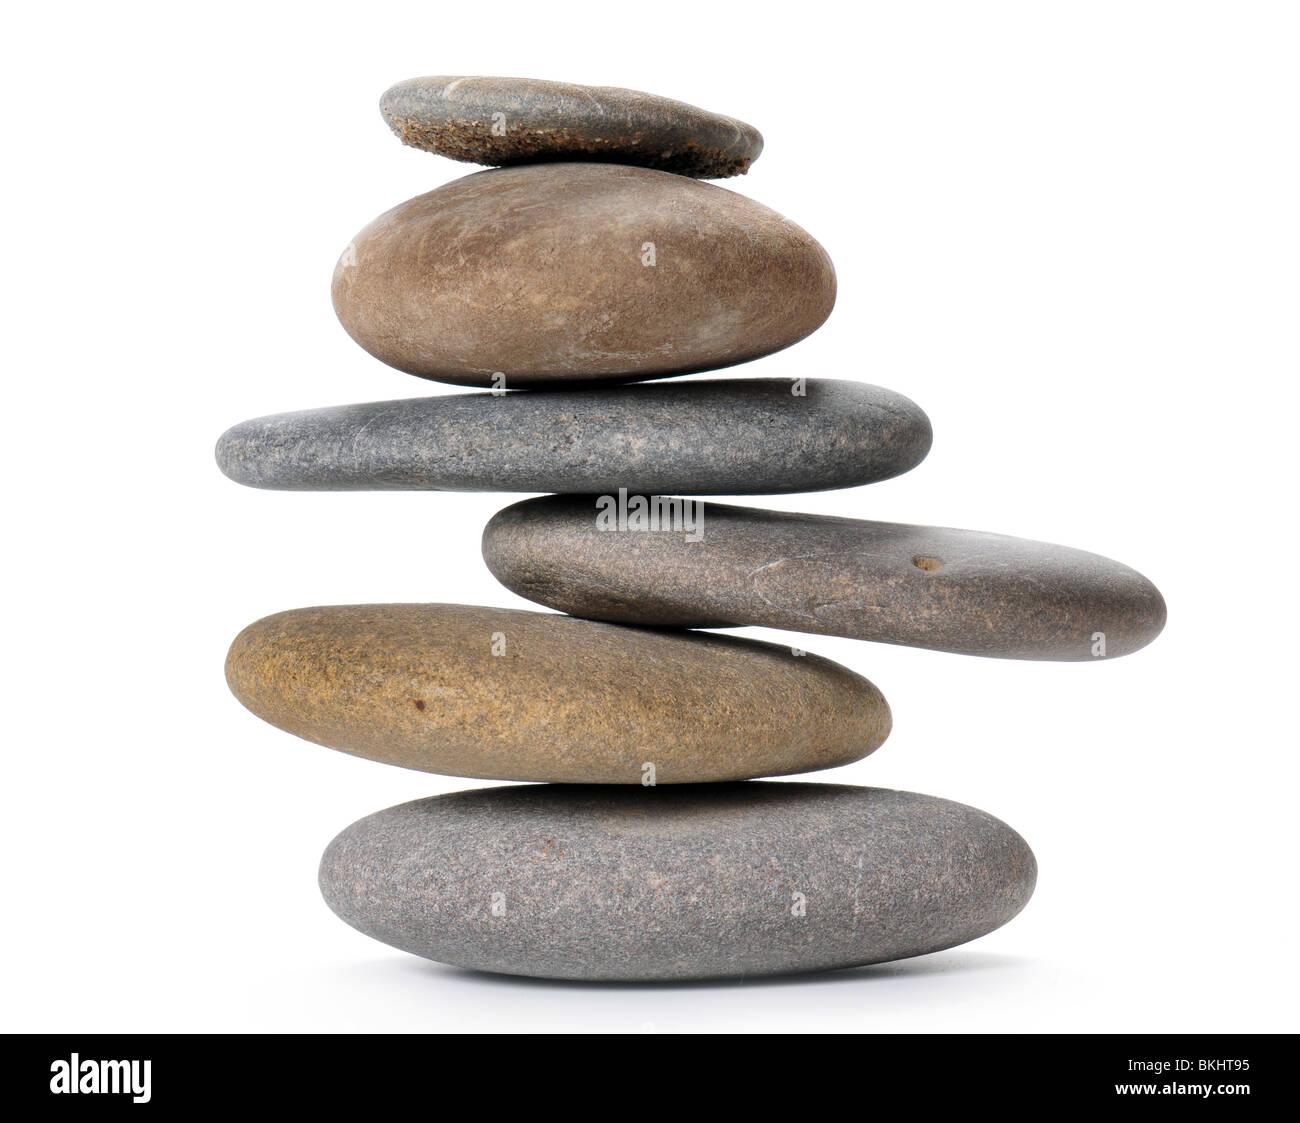 Zen like balanced stone tower isolated on white - Stock Image